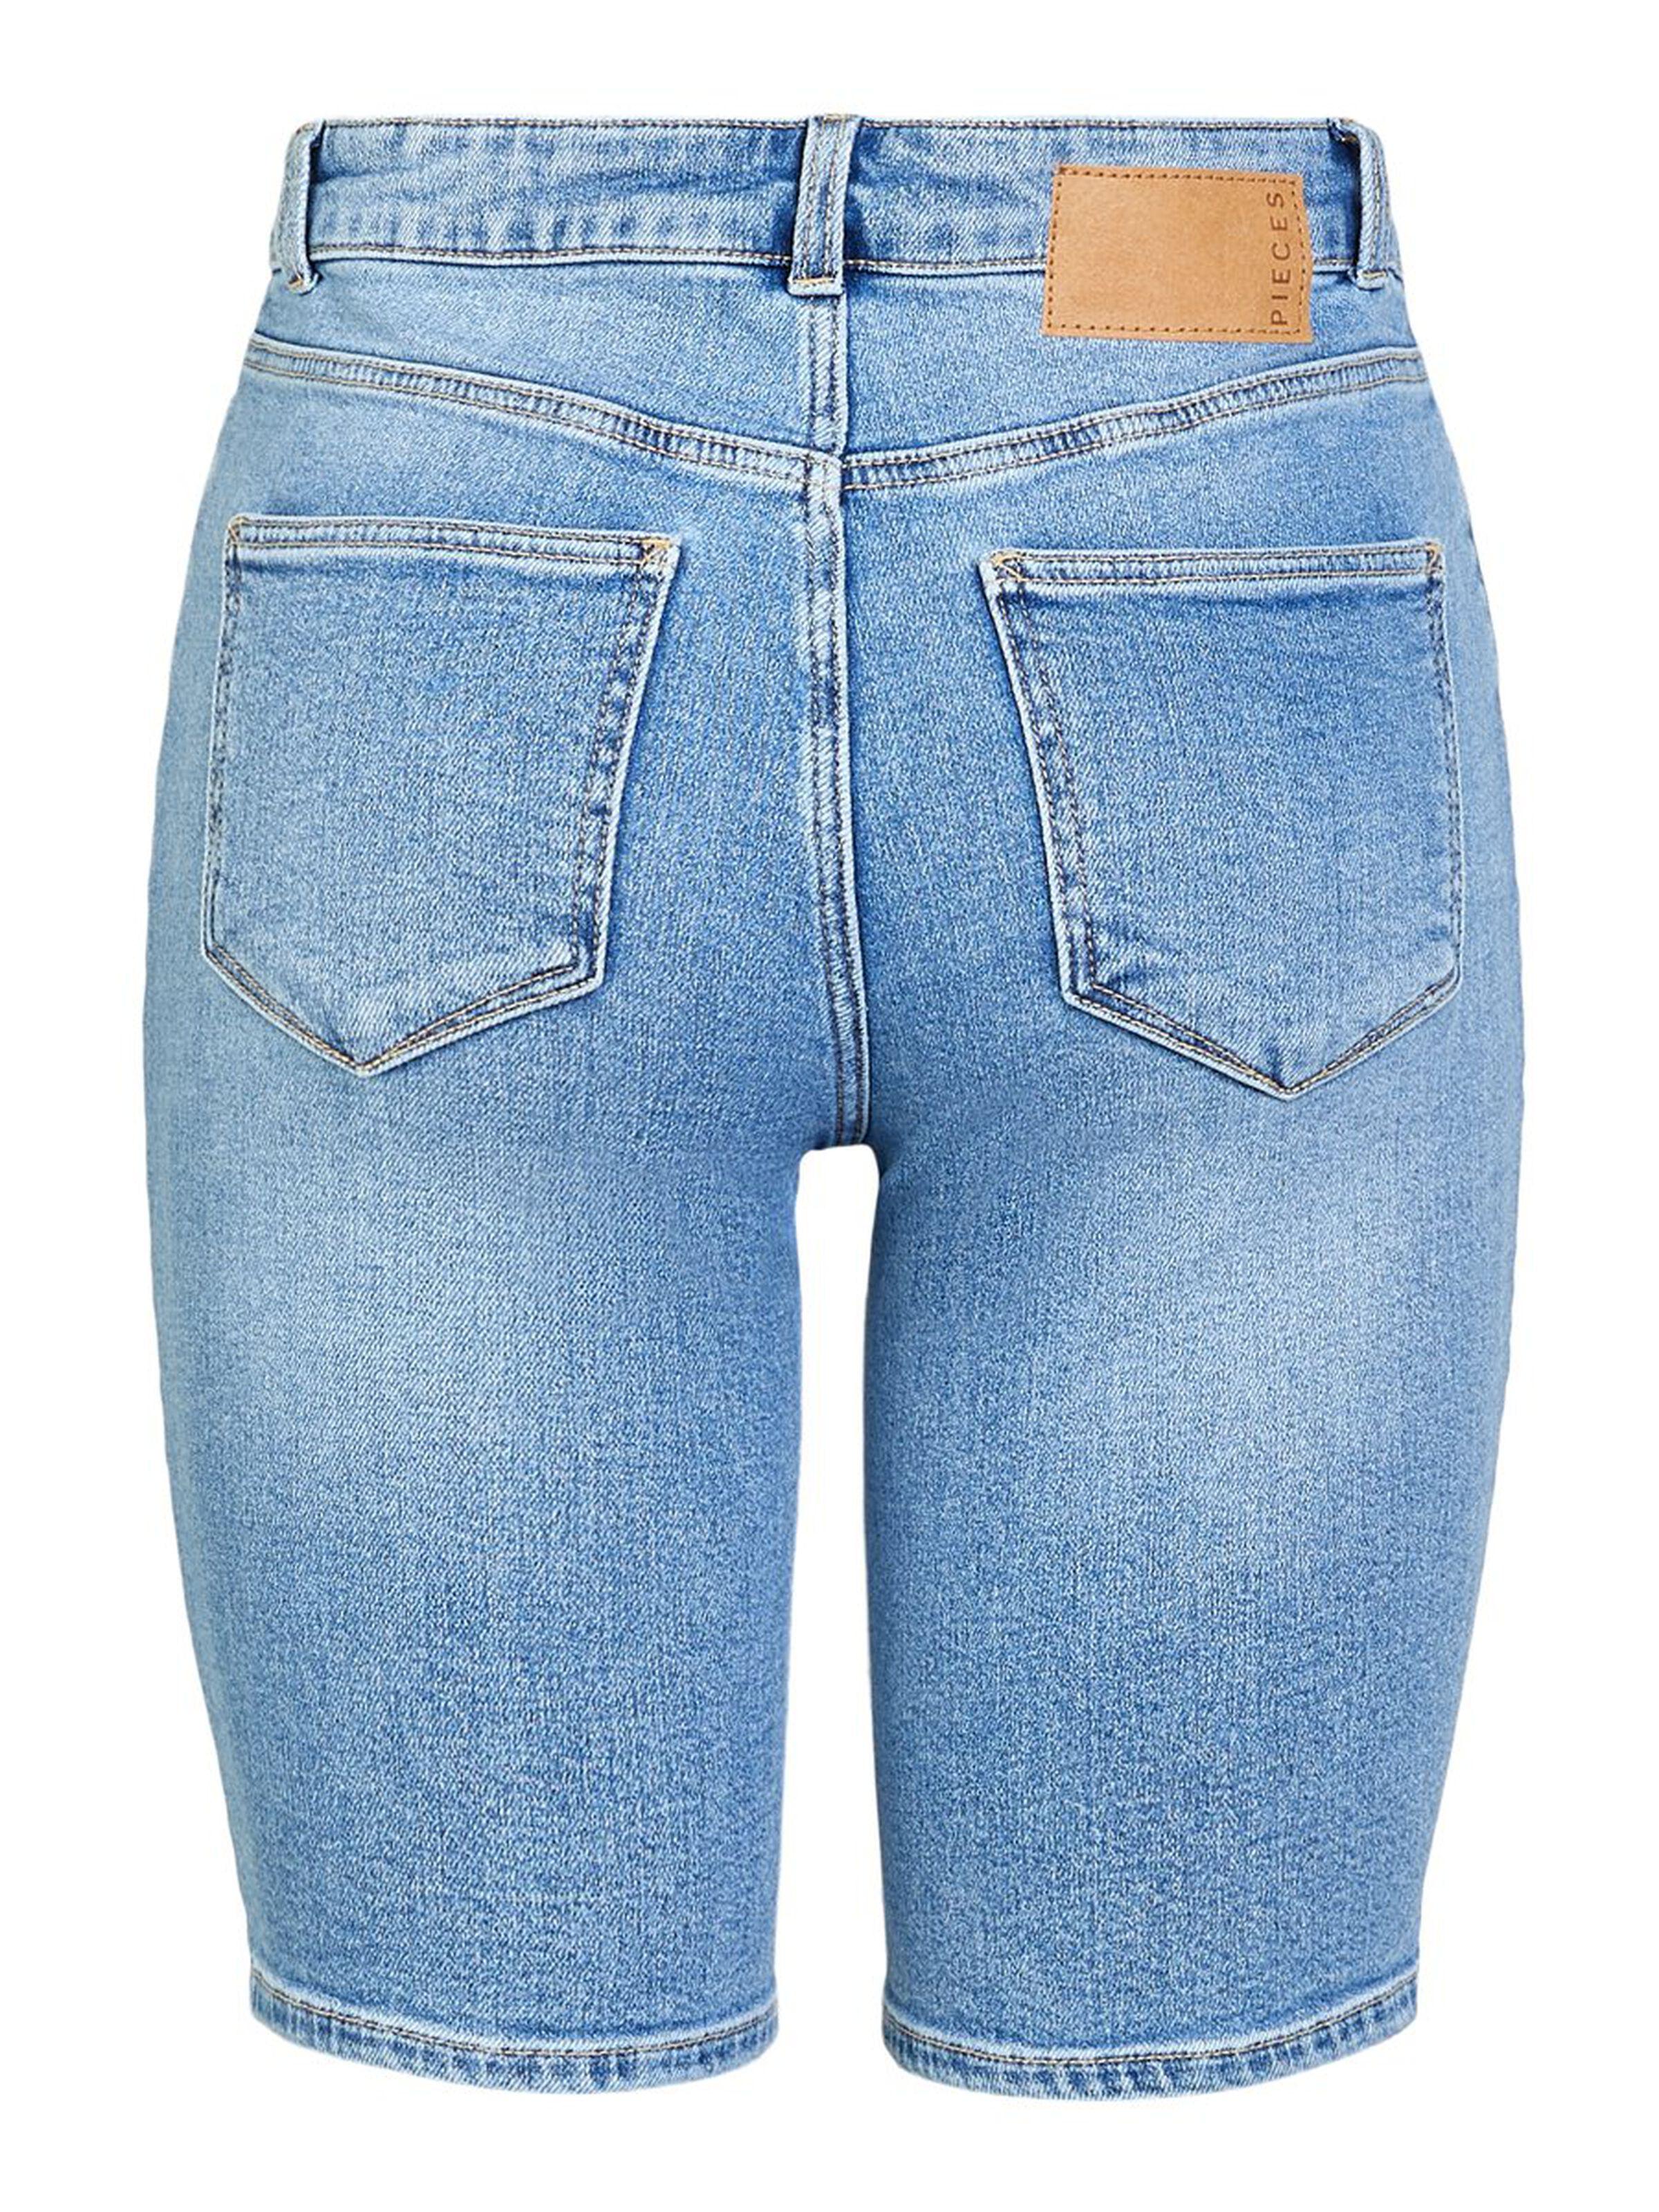 PIECES | Shorts | 17102246JEANS